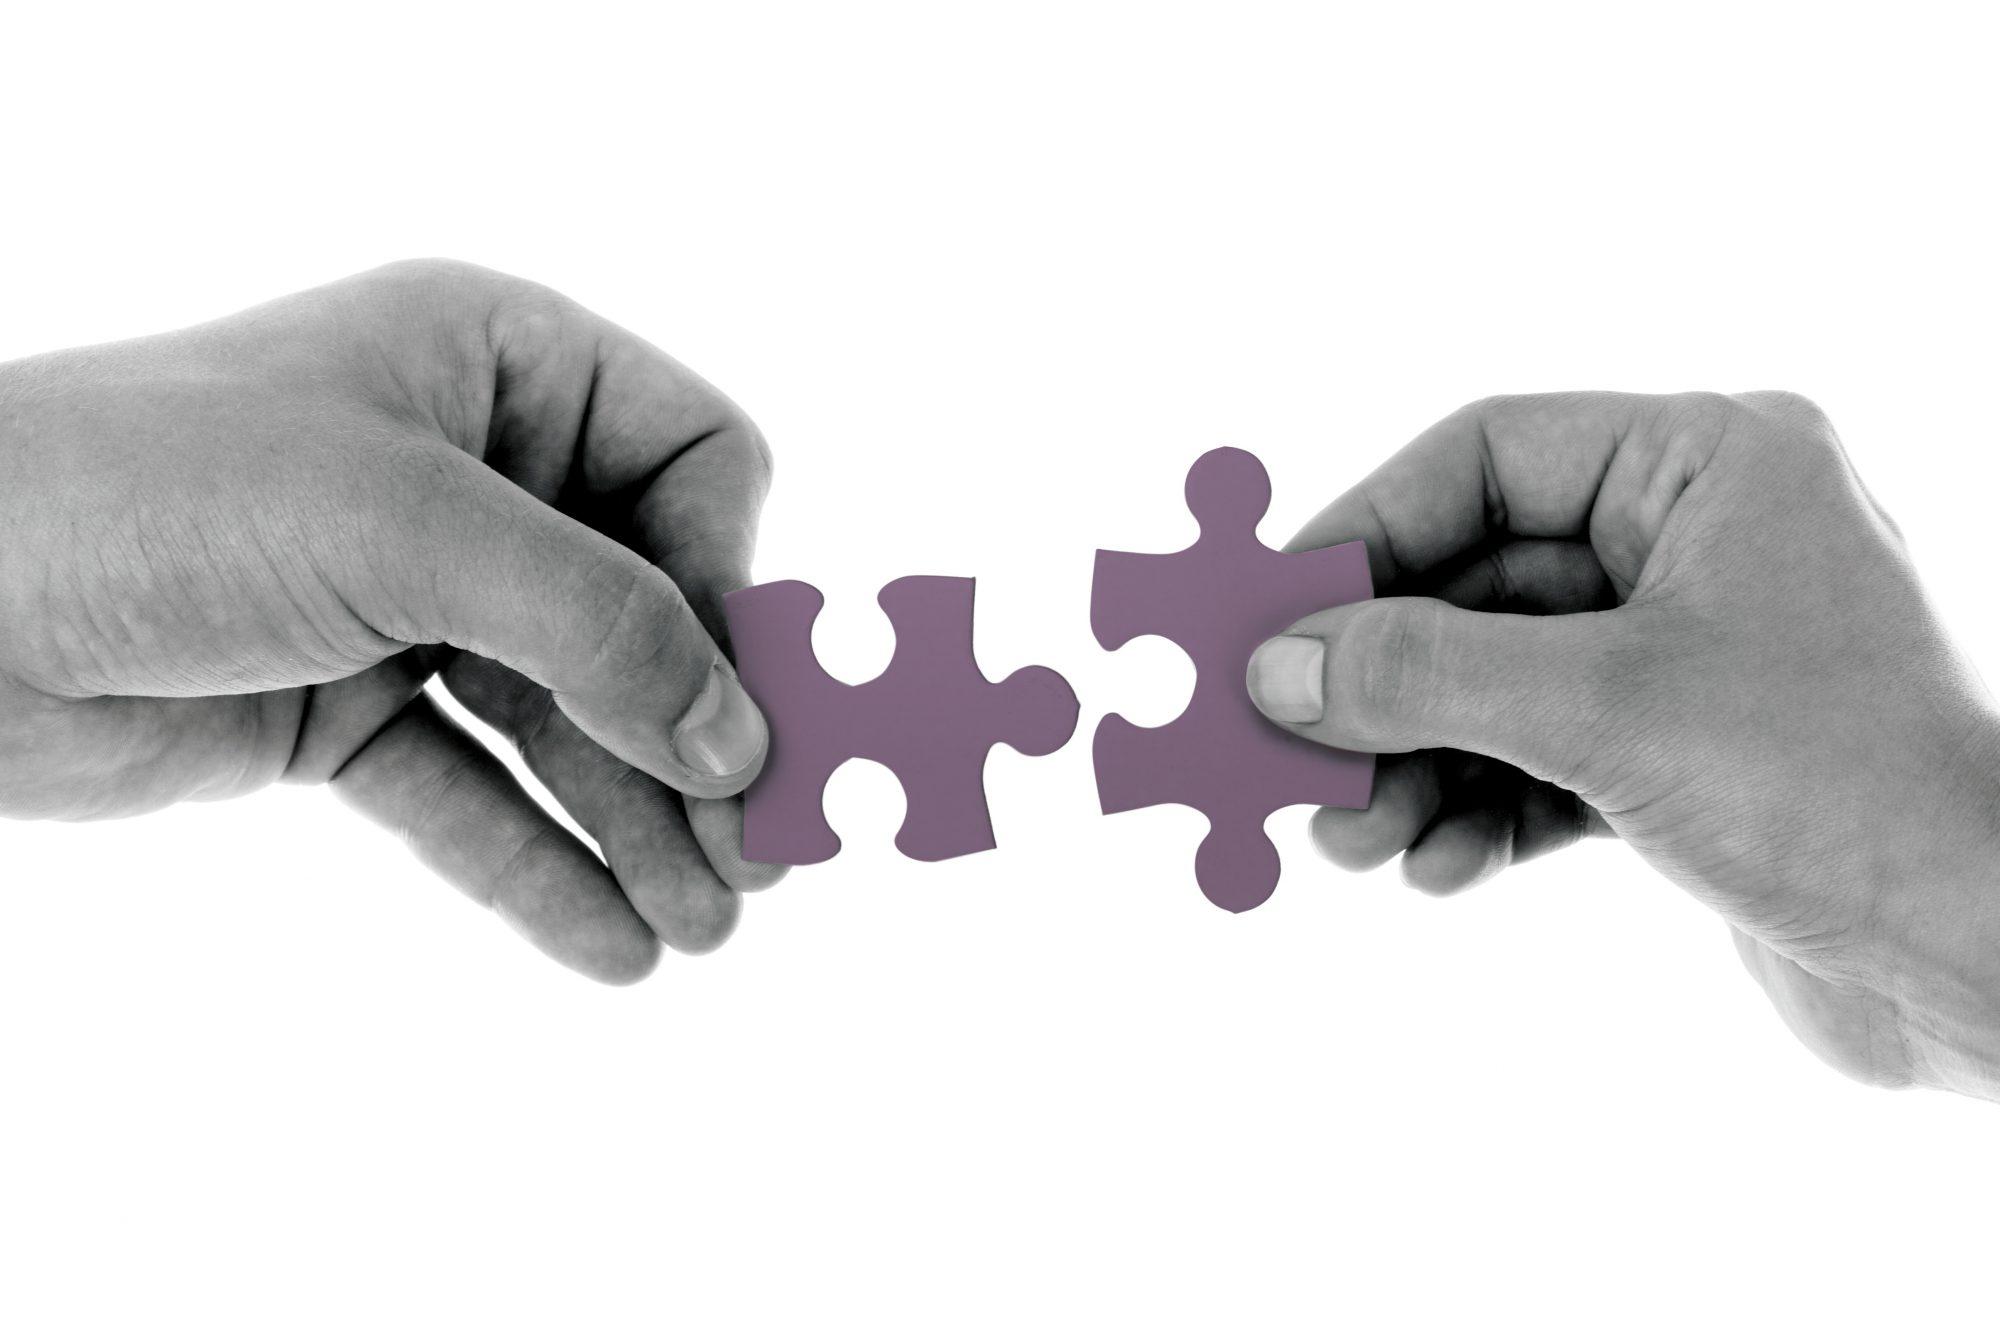 Partnership - Accordo - Collaborazione (3) Imc